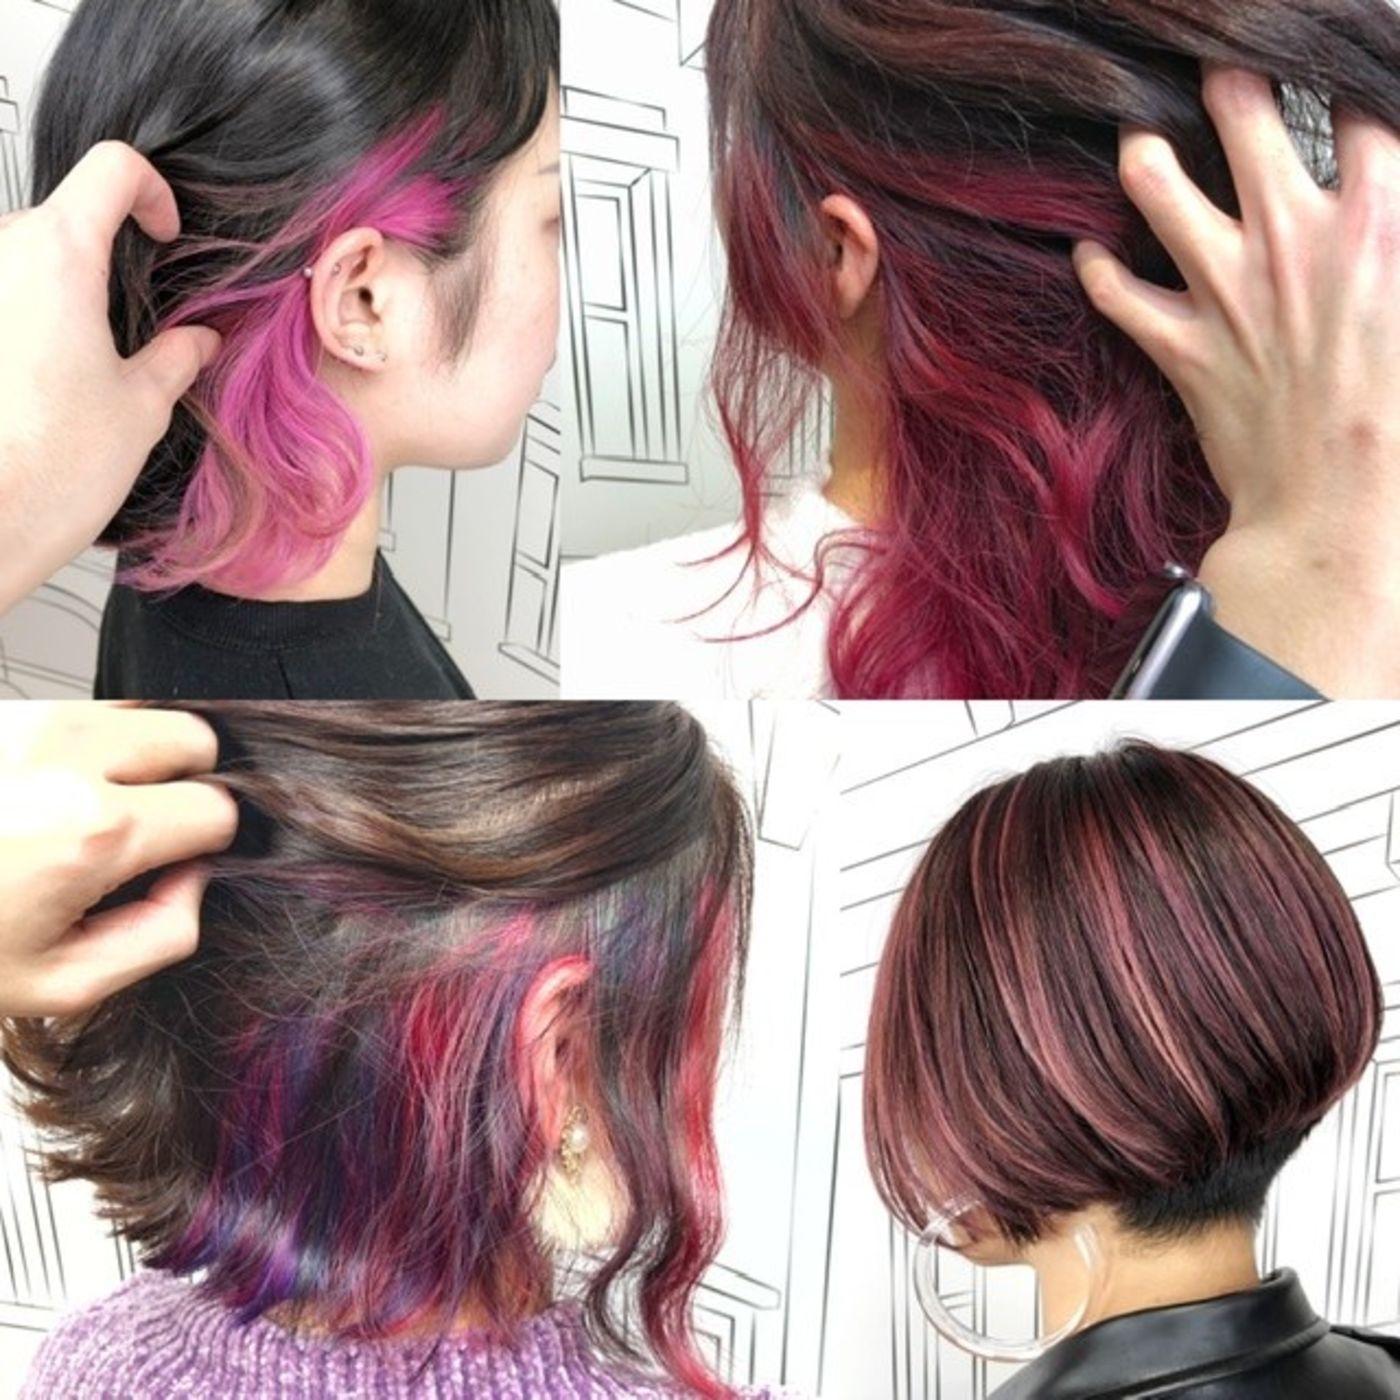 一般の方がしてみたい派手髪は『ピンク』